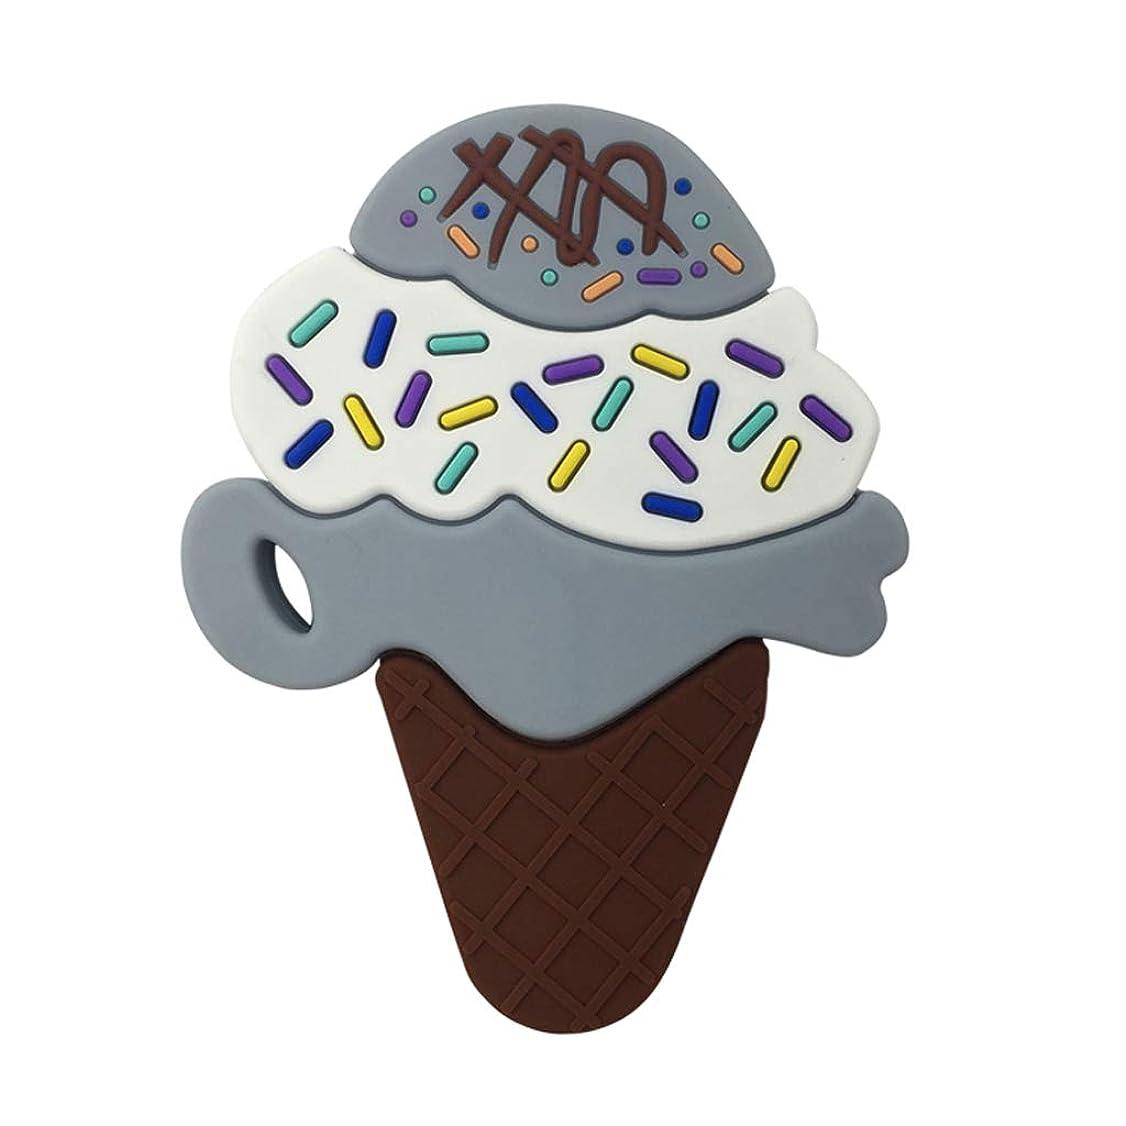 アンカー粗い説得力のあるLanddumシリコーンおしゃぶり3層アイスクリームおしゃぶり赤ちゃんの授乳玩具チューイング玩具ガラガラ玩具 - グレー